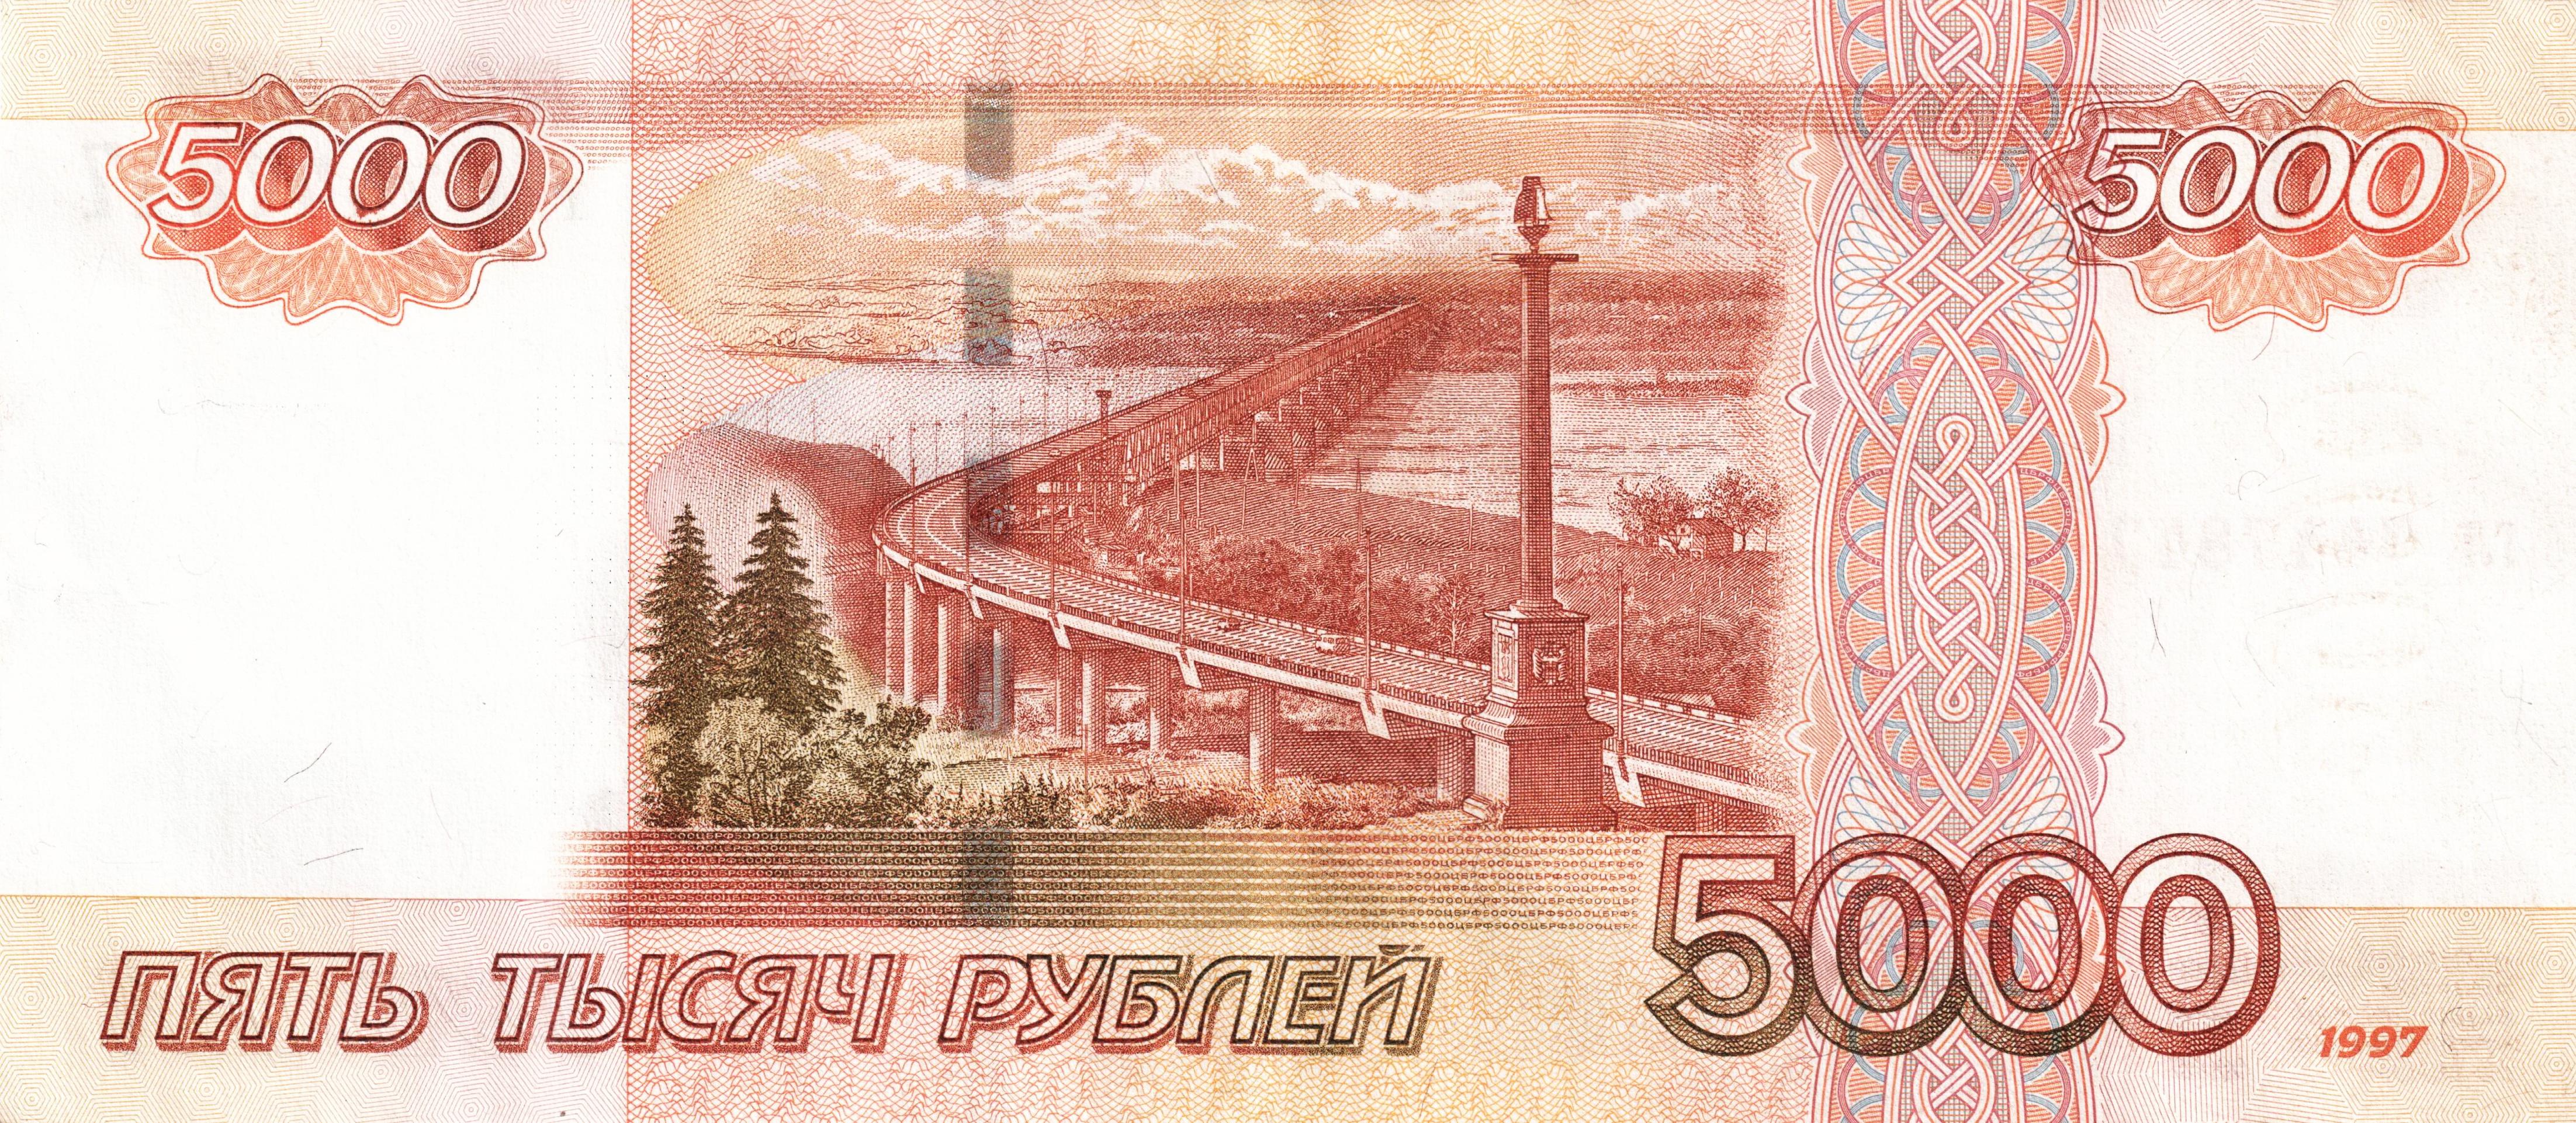 Description banknote 5000 rubles 1997 back